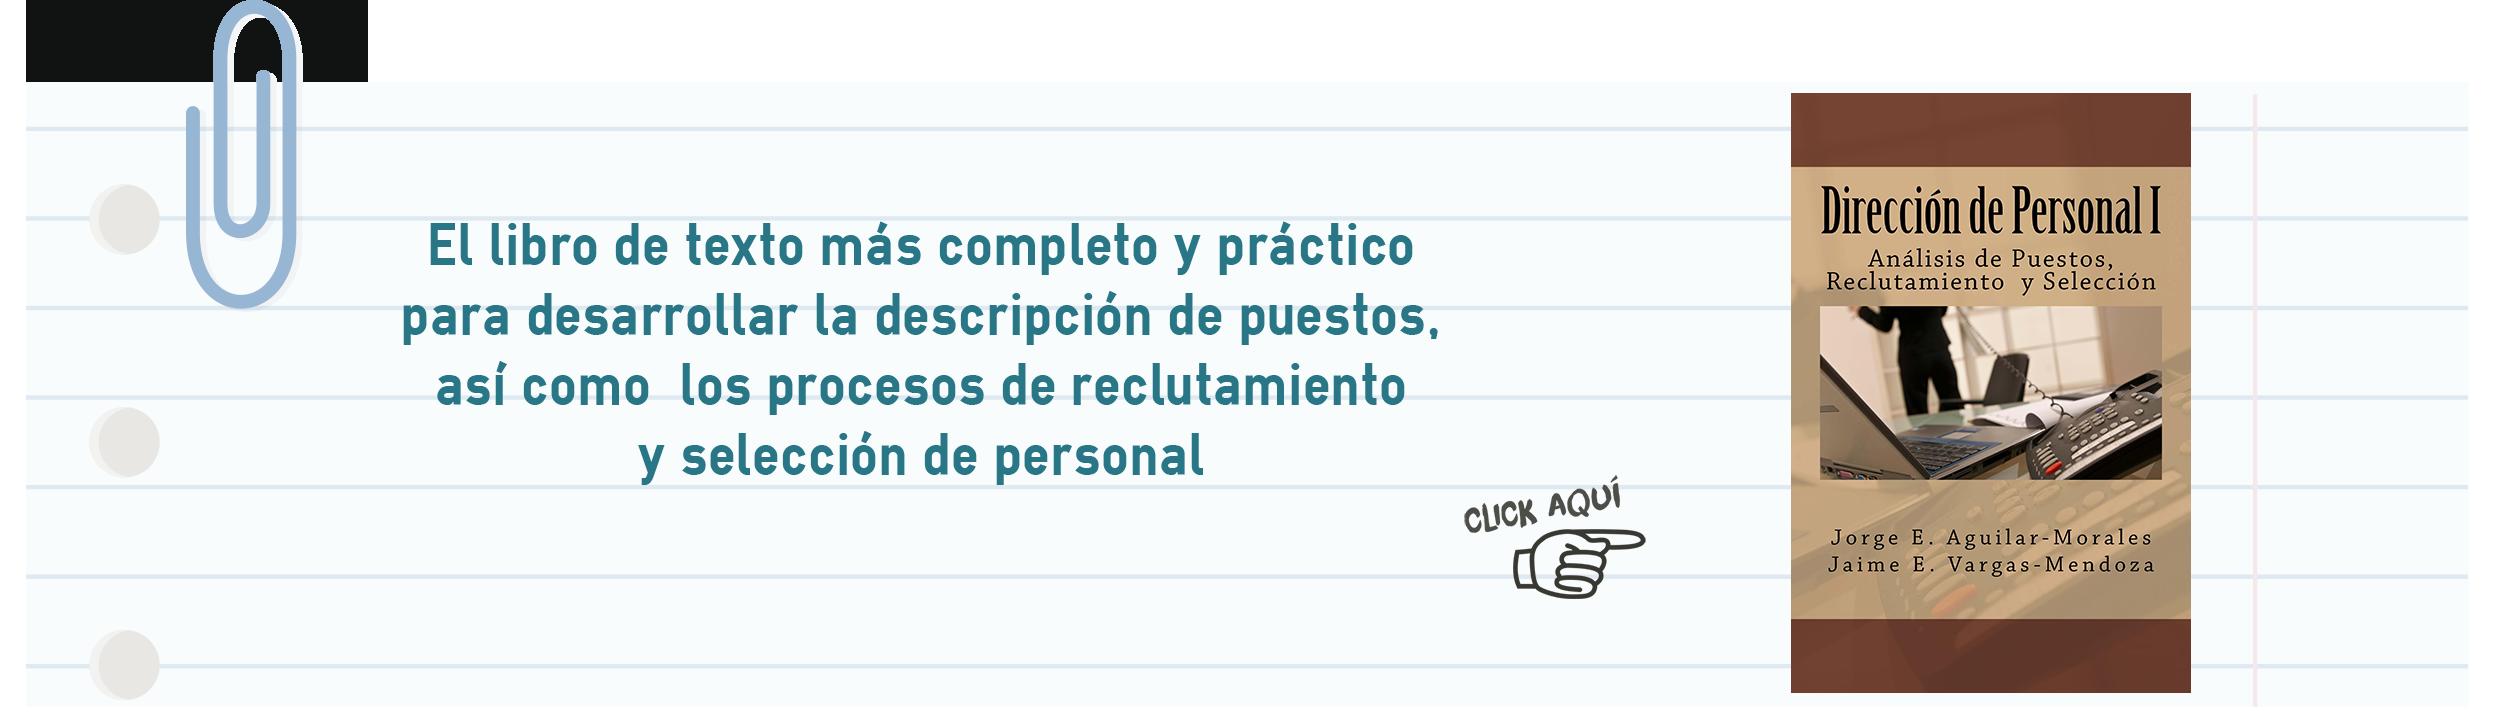 direccion_de_personal_libro_jorge_everardo_aguilar_morales